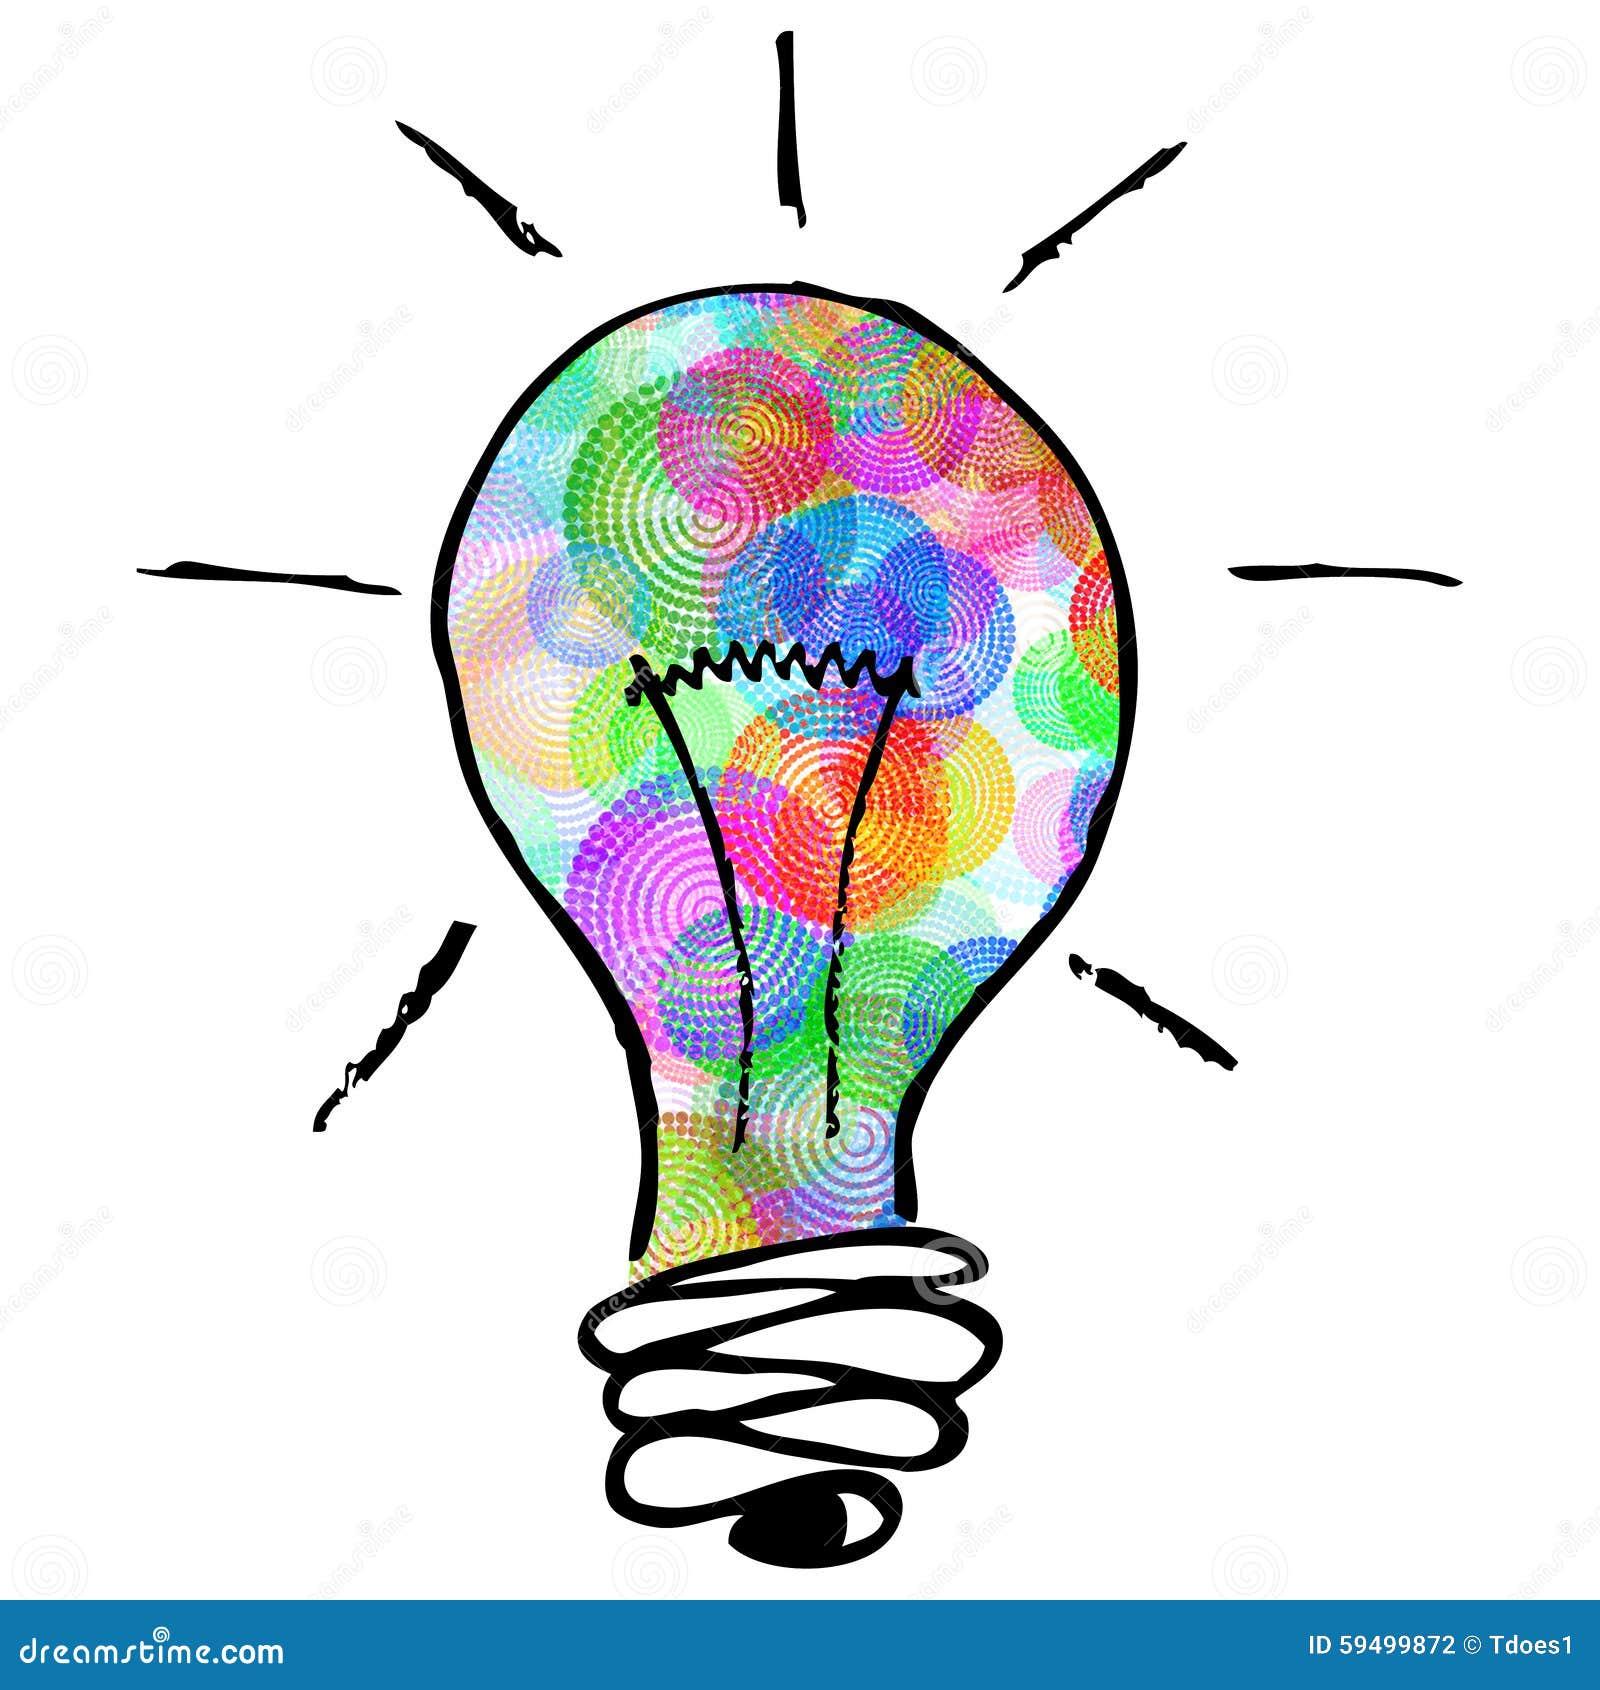 ampoule colore crative - Ampoule Colore